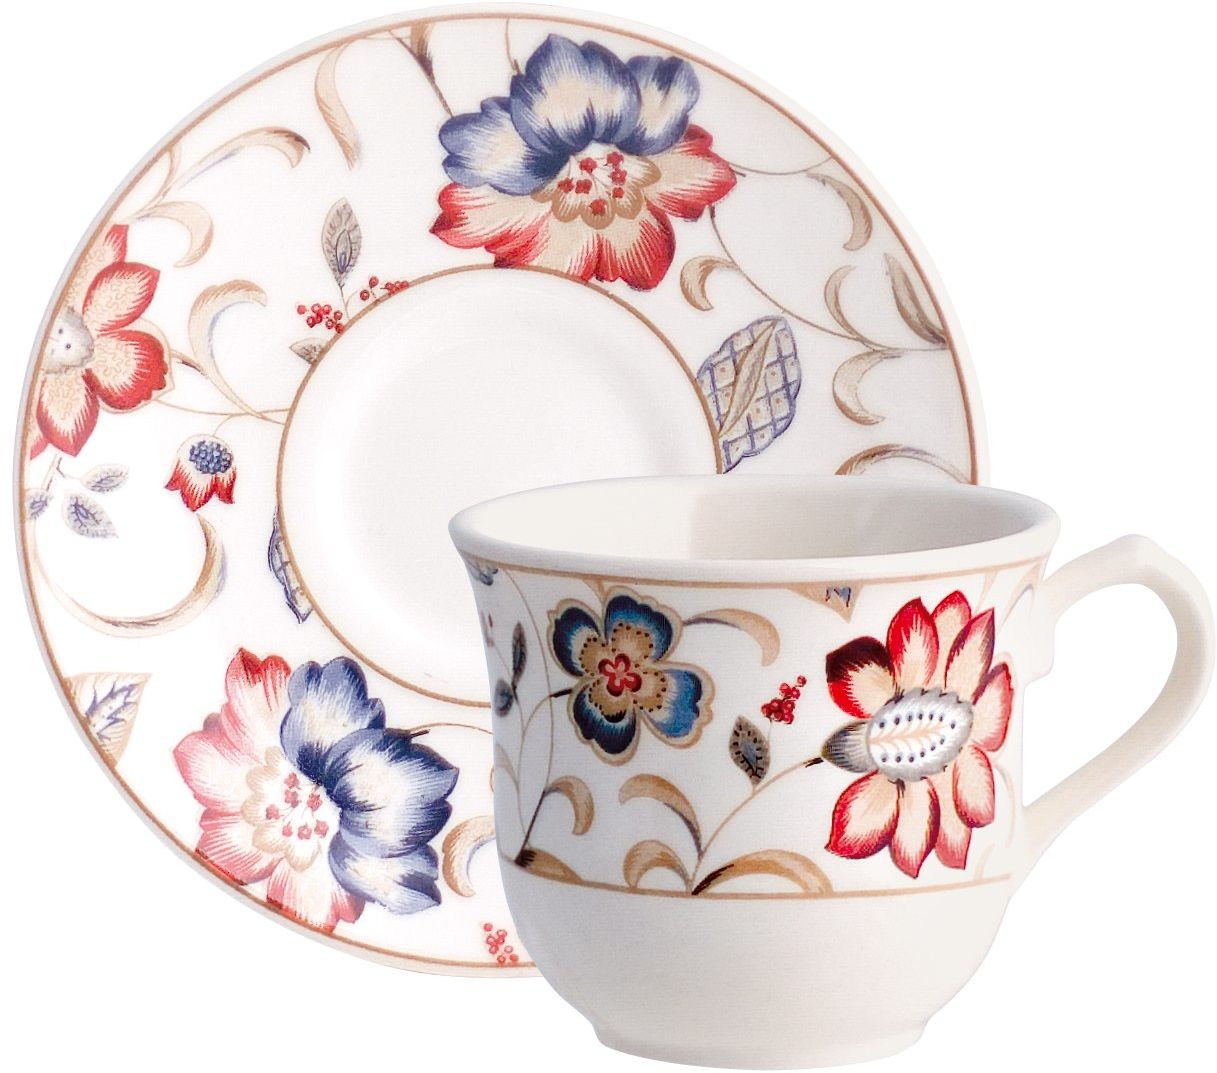 Churchill B112039 kubki do herbaty z spodkami, zestaw 12 sztuk (6 filiżanek/6 spodków) porcelana, wielokolorowa